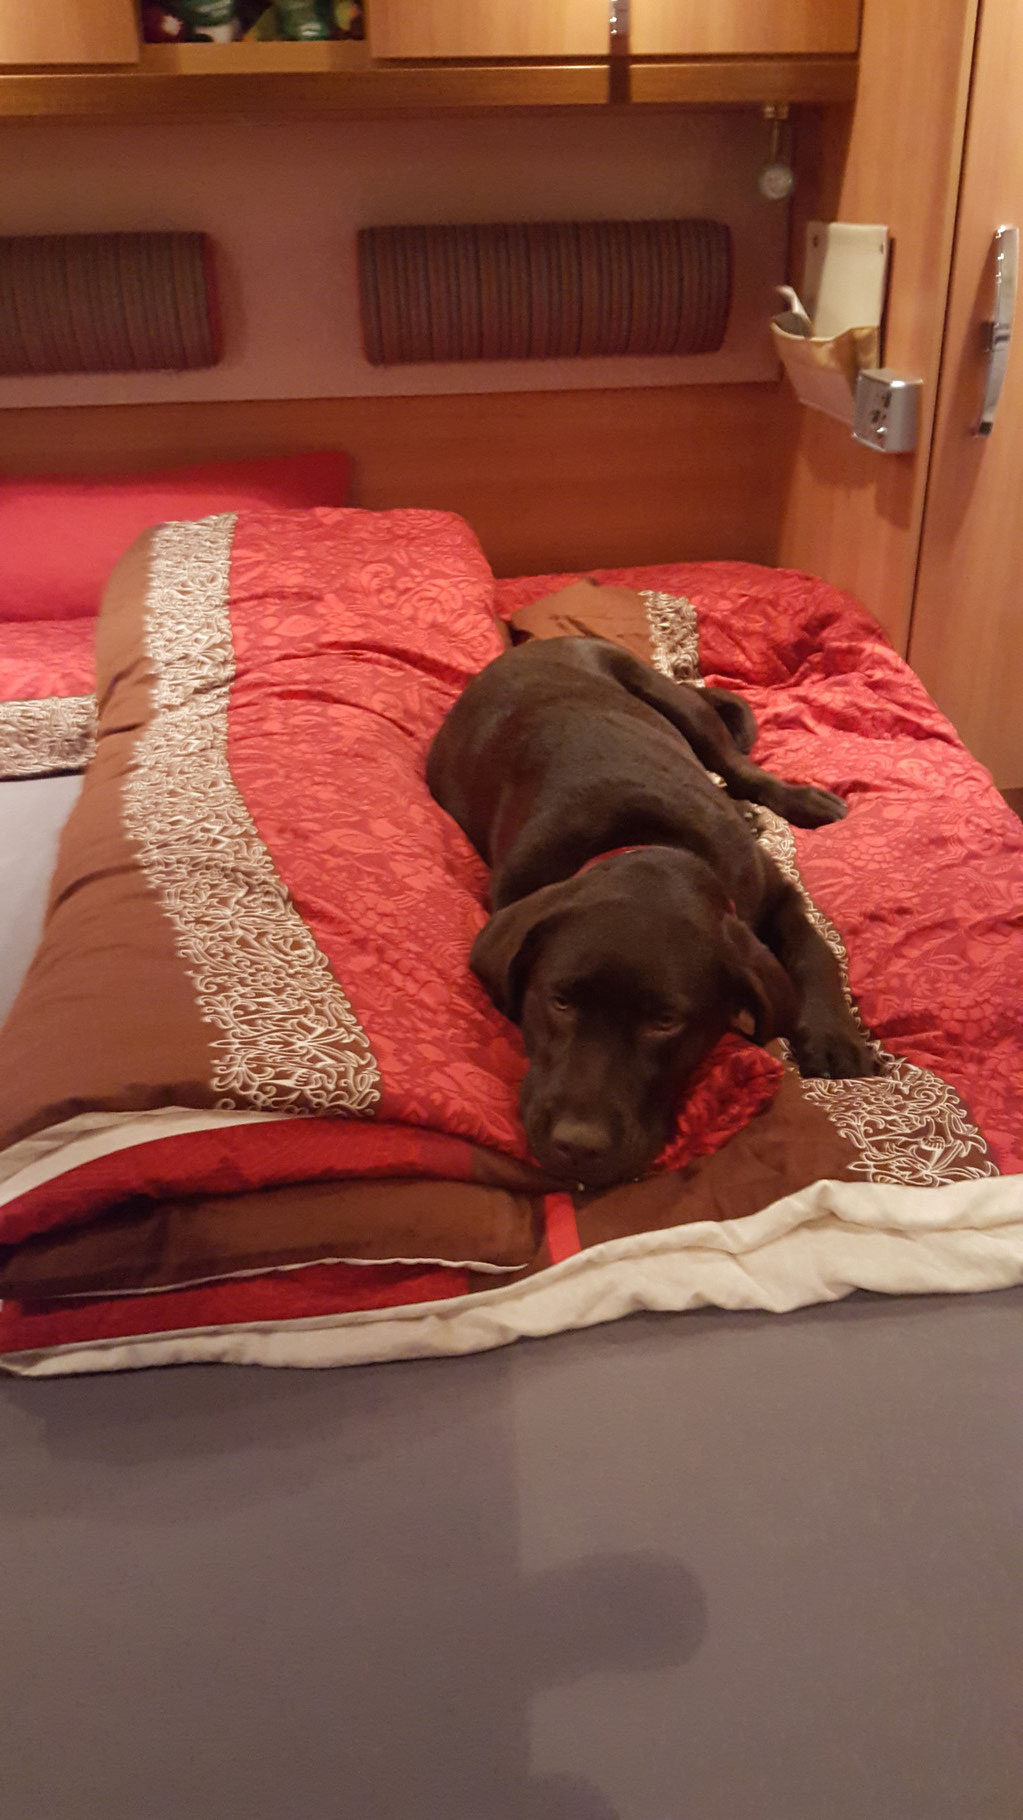 Im Bett von Mama und Papa im Wohnmobil...ob ich für die beiden Platz machen soll?